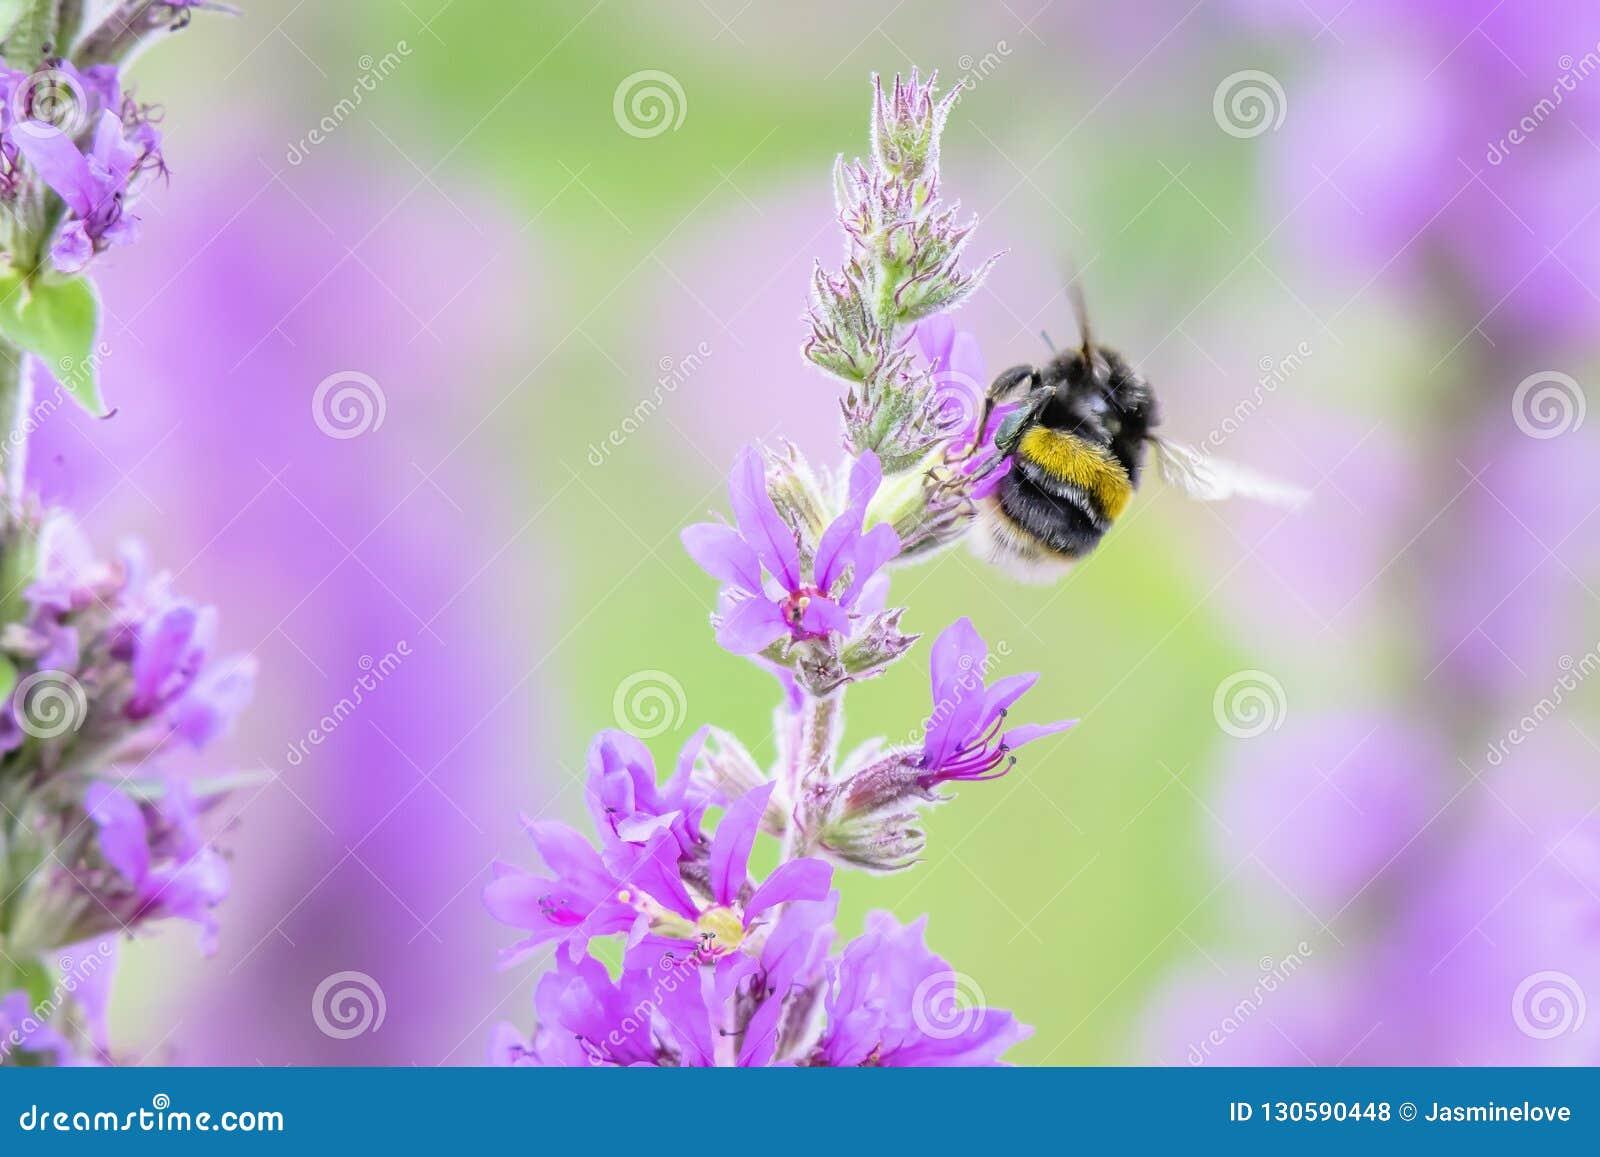 土蜂在飞行中与可看见的翼运动 英国蜂蜜酒